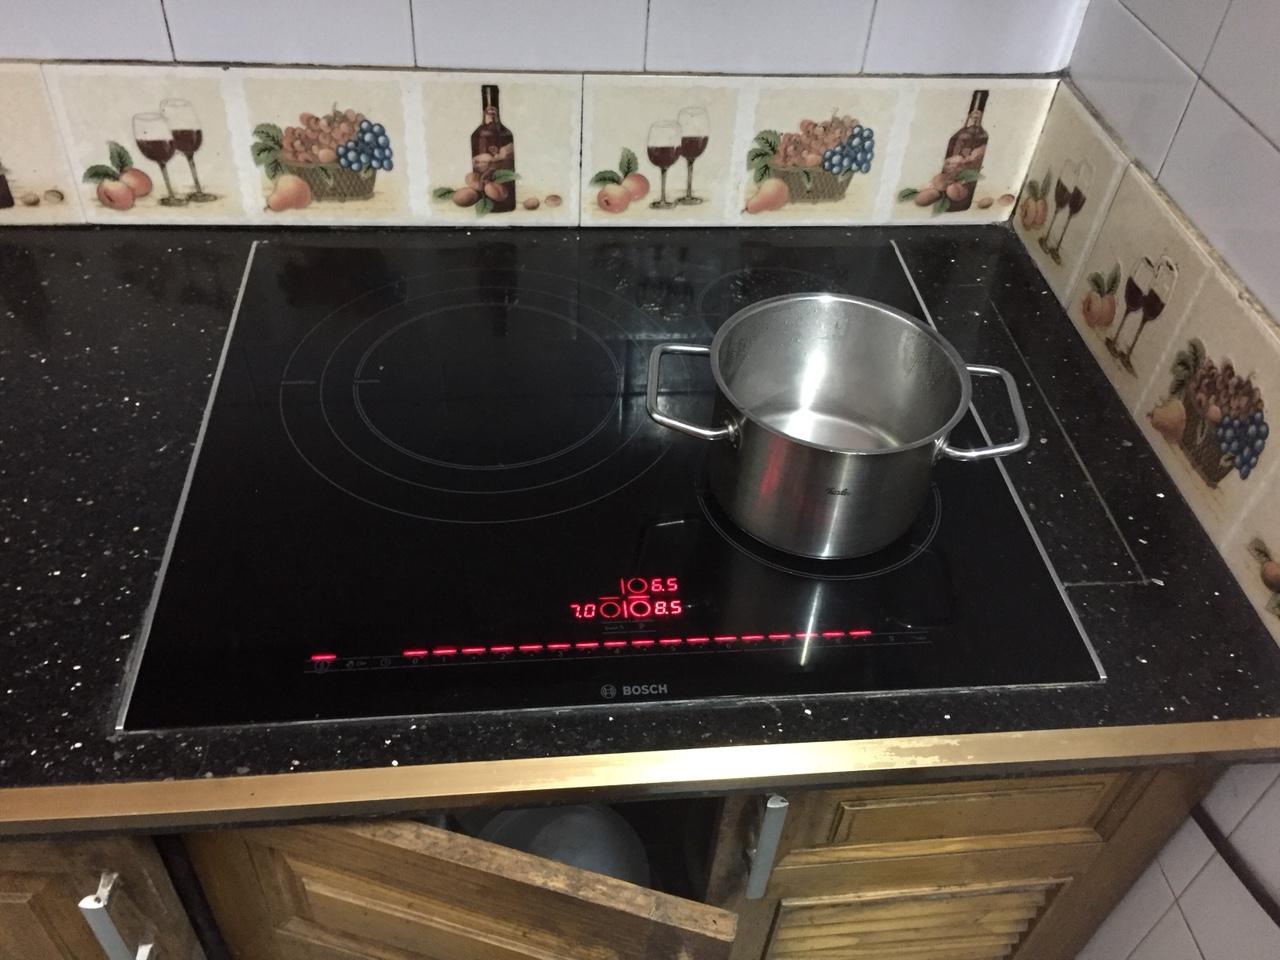 Trung tâm sửa bếp từ Bosch chính hãng Cac-loi-thuong-gap-cua-bep-tu-Bosch